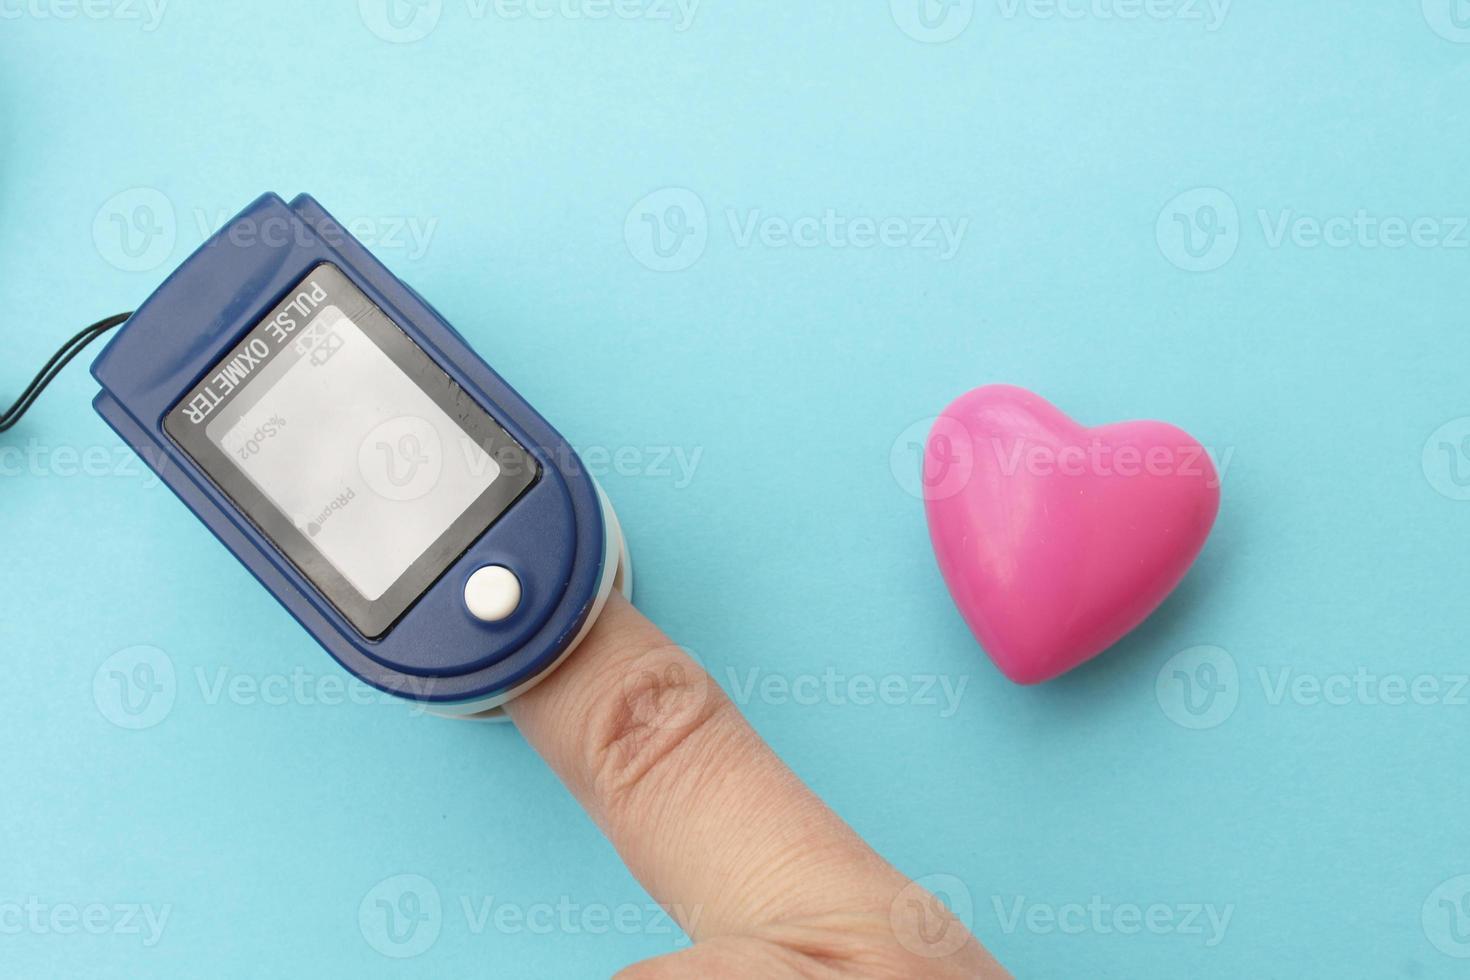 Pulse oximetre sensor and finger photo